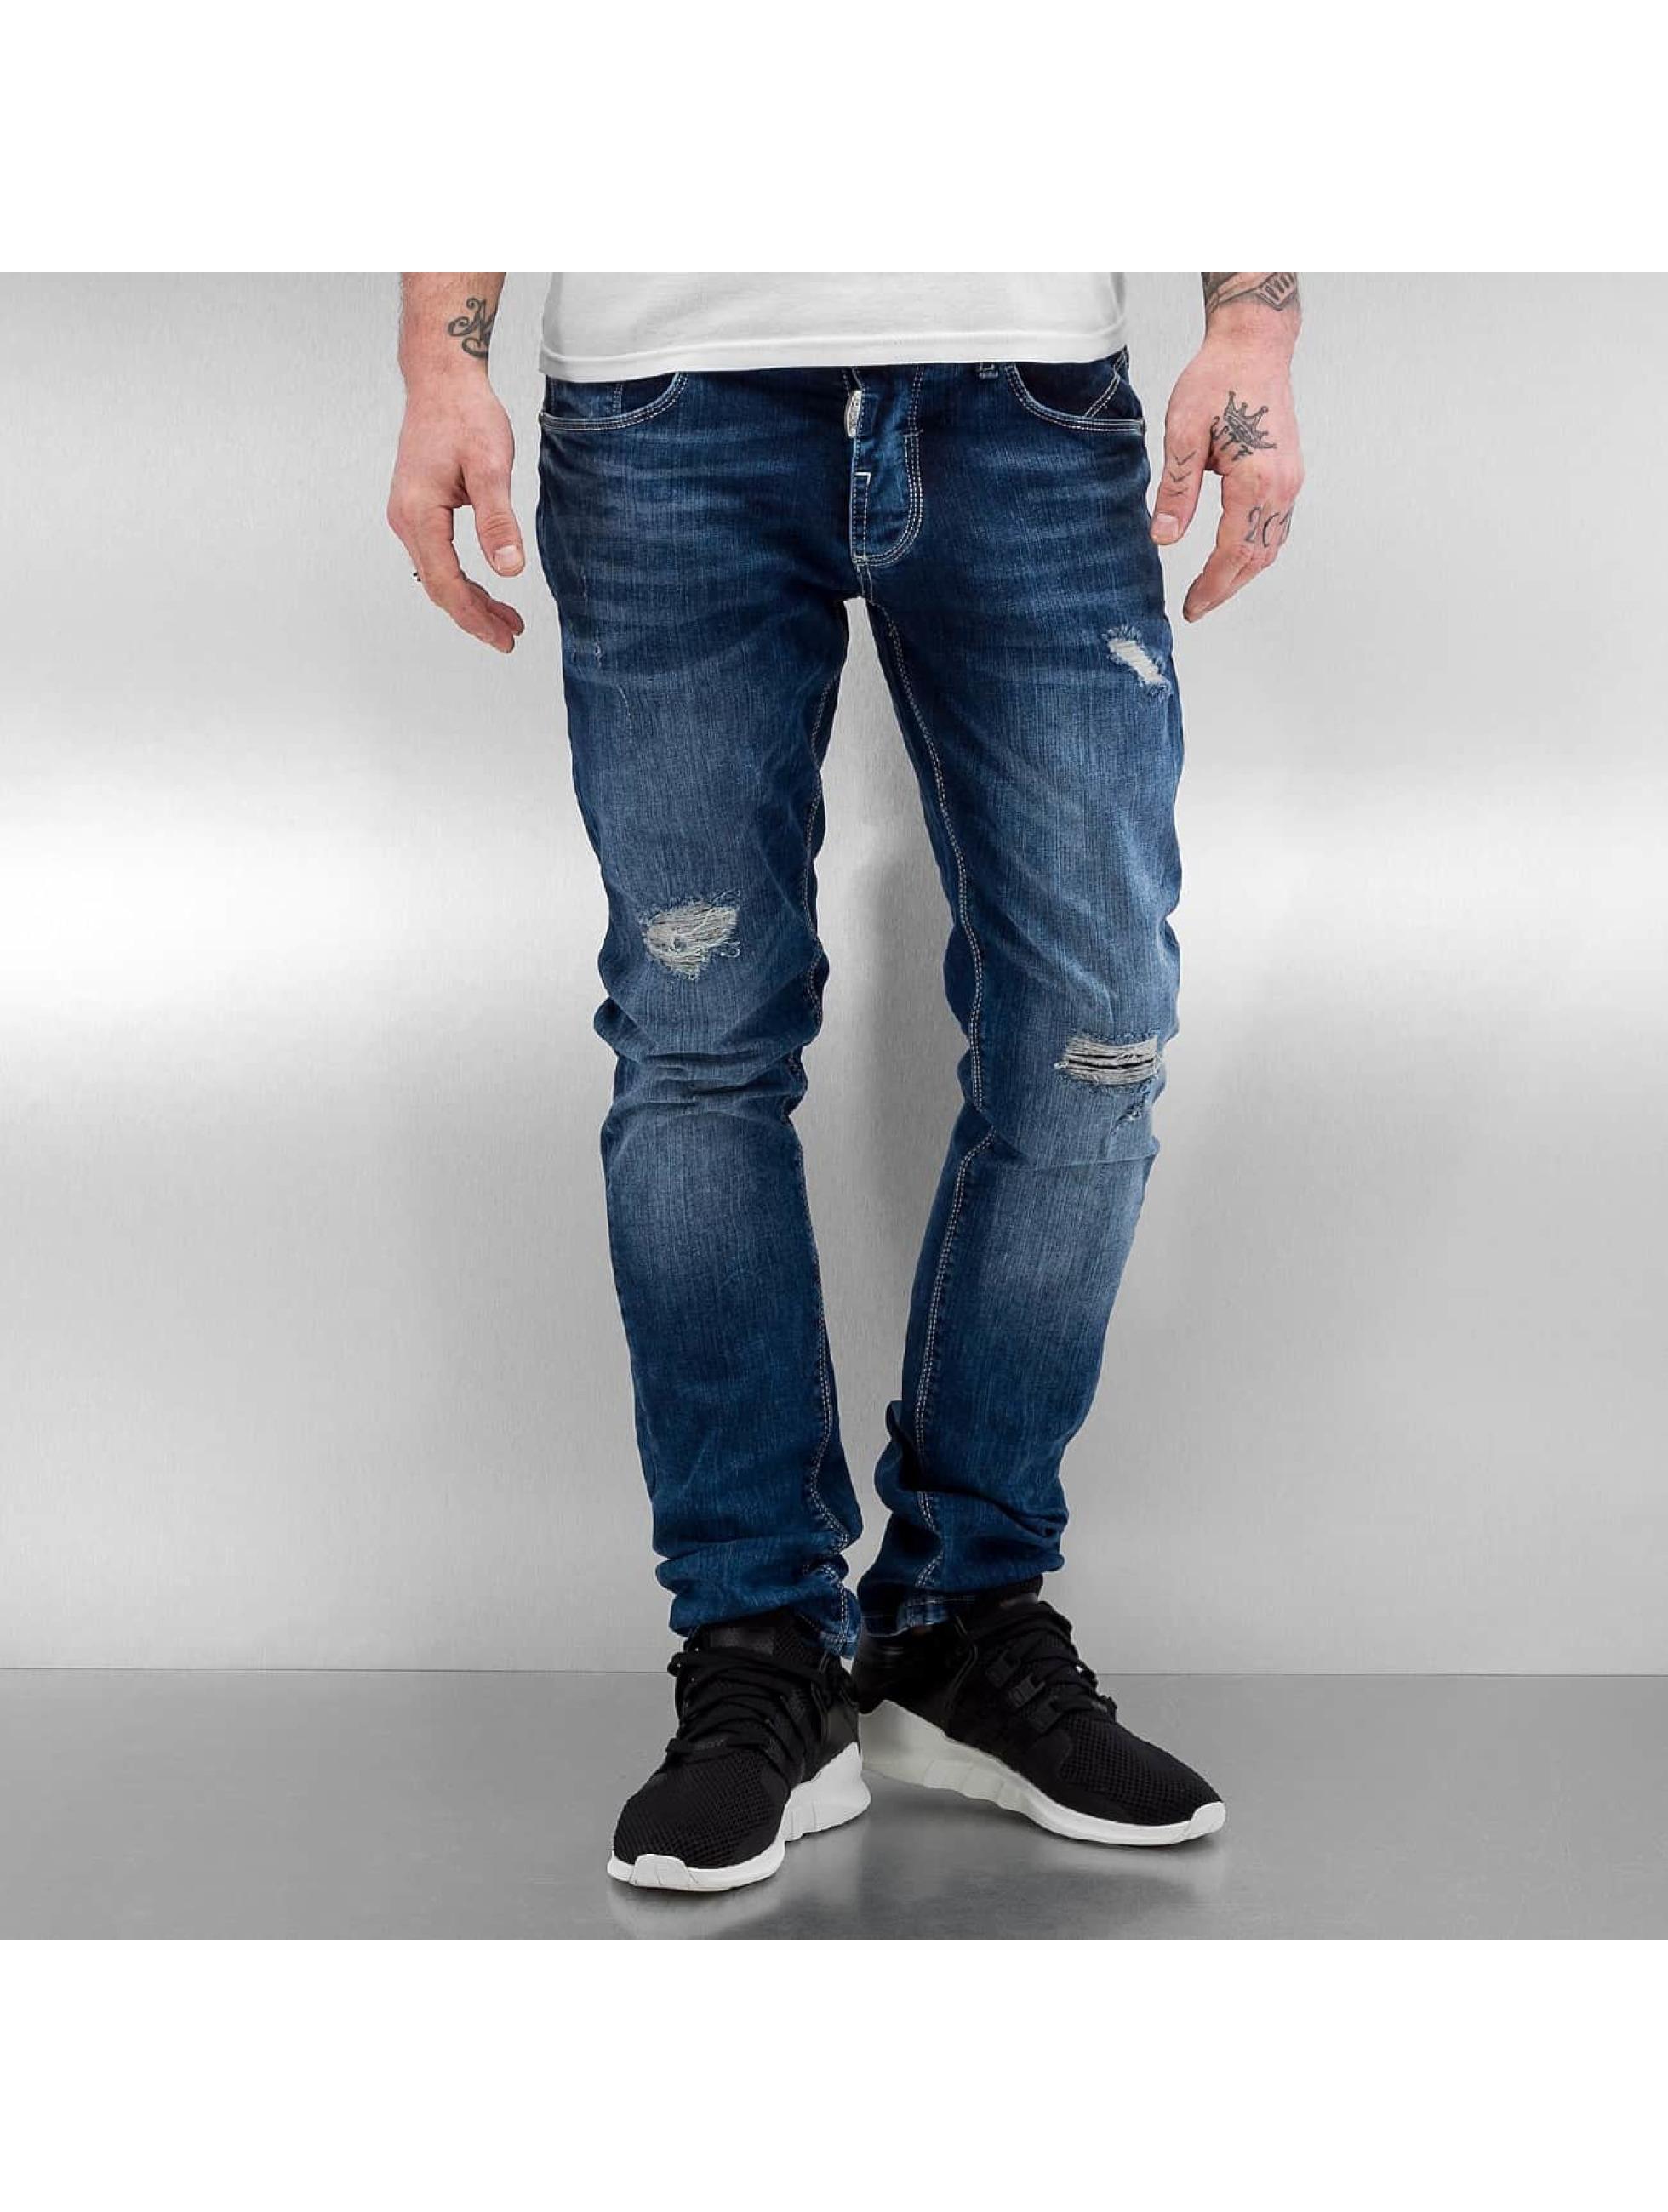 2Y / Skinny Jeans Jari in blue W 29